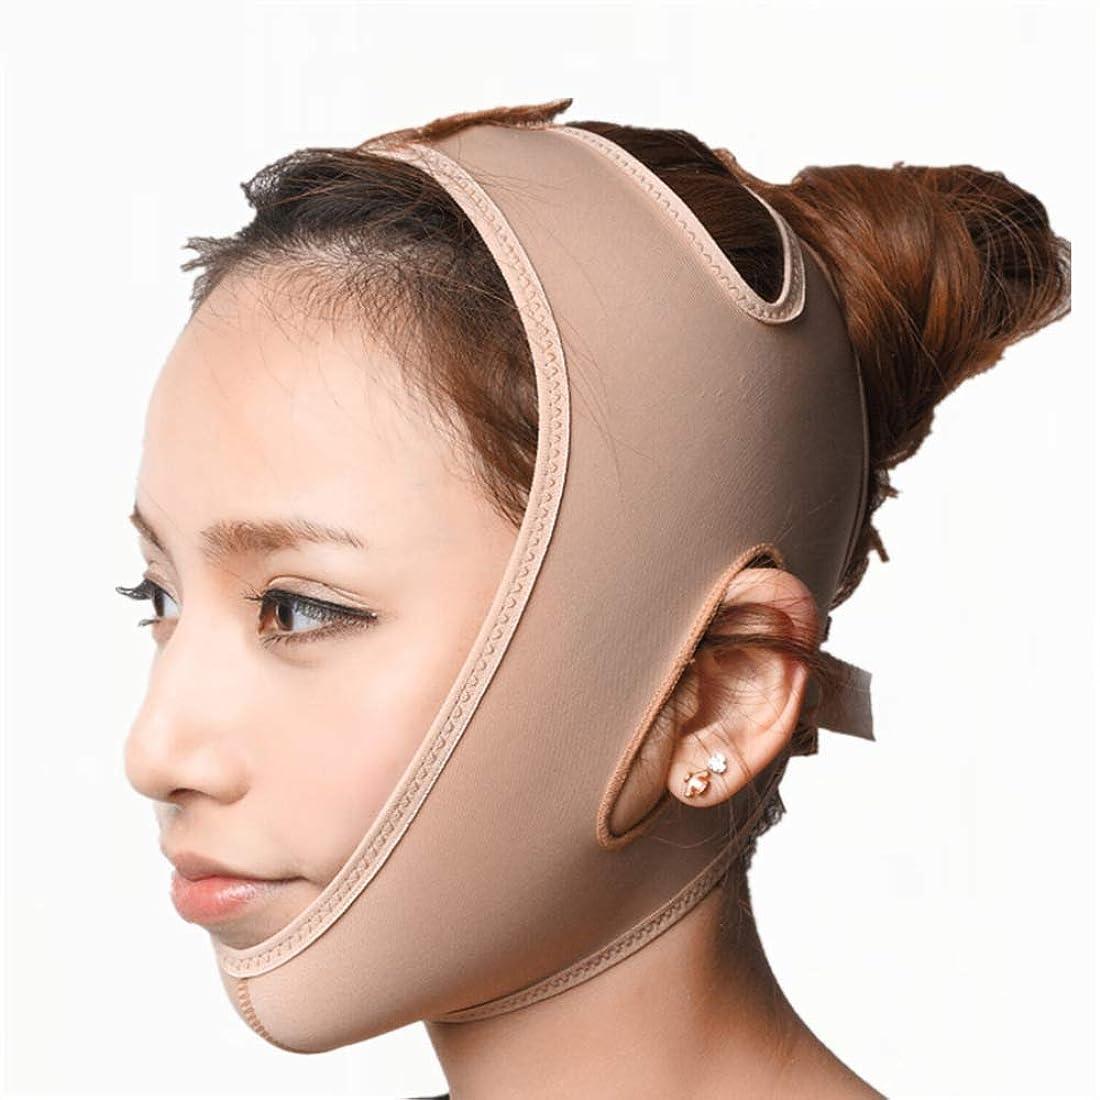 消毒剤パパ質量Jia Jia- 顔の持ち上がる痩身ベルト - アンチエイジングリンクルフェイスマスクベルトシンフェイス包帯整形マスクは顔と首を締めますフェイススリム 顔面包帯 (サイズ さいず : M)